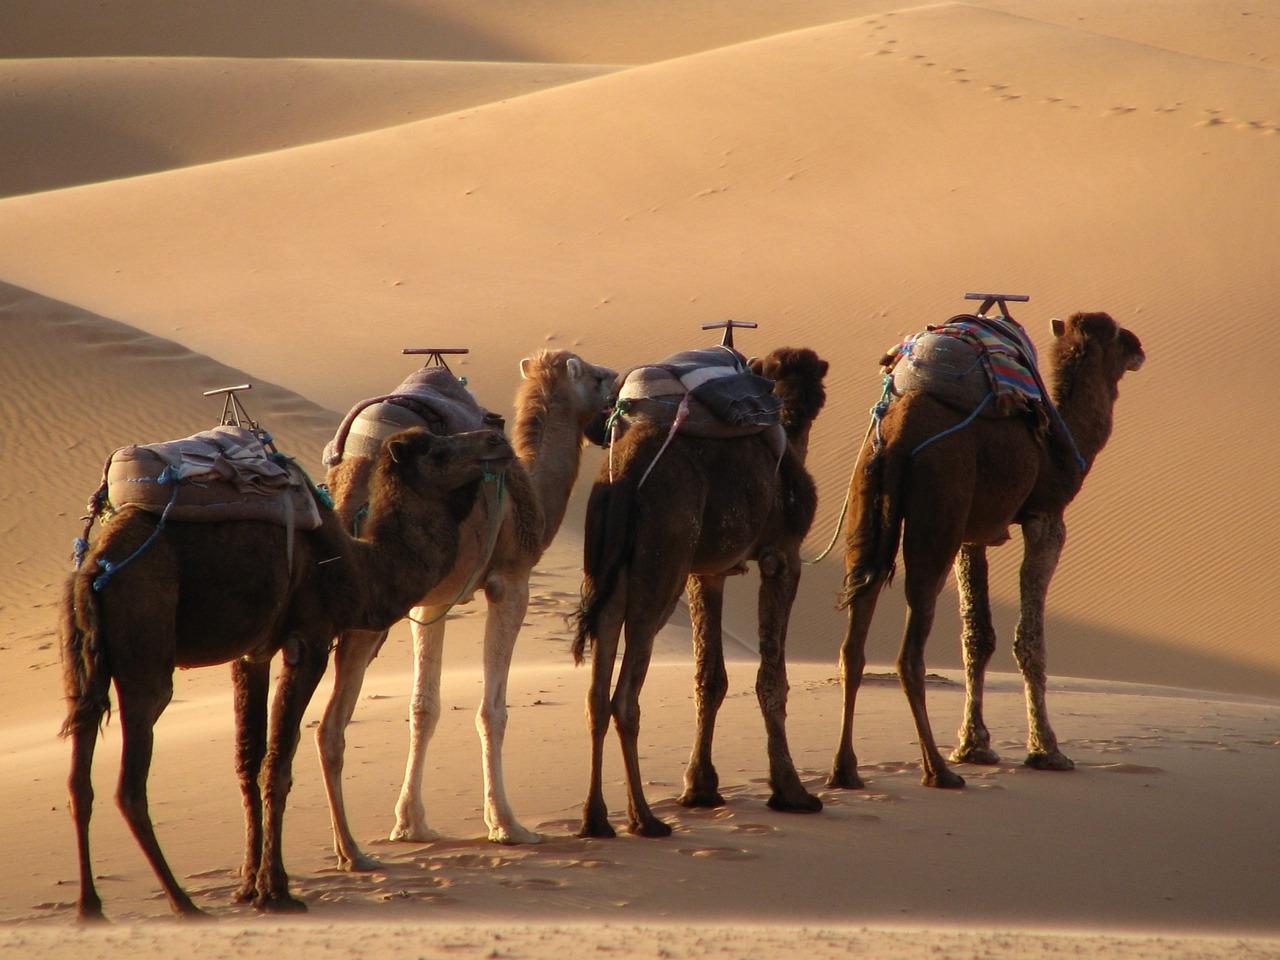 угрюмого картинка верблюды корабли пустыни целесообразности включения